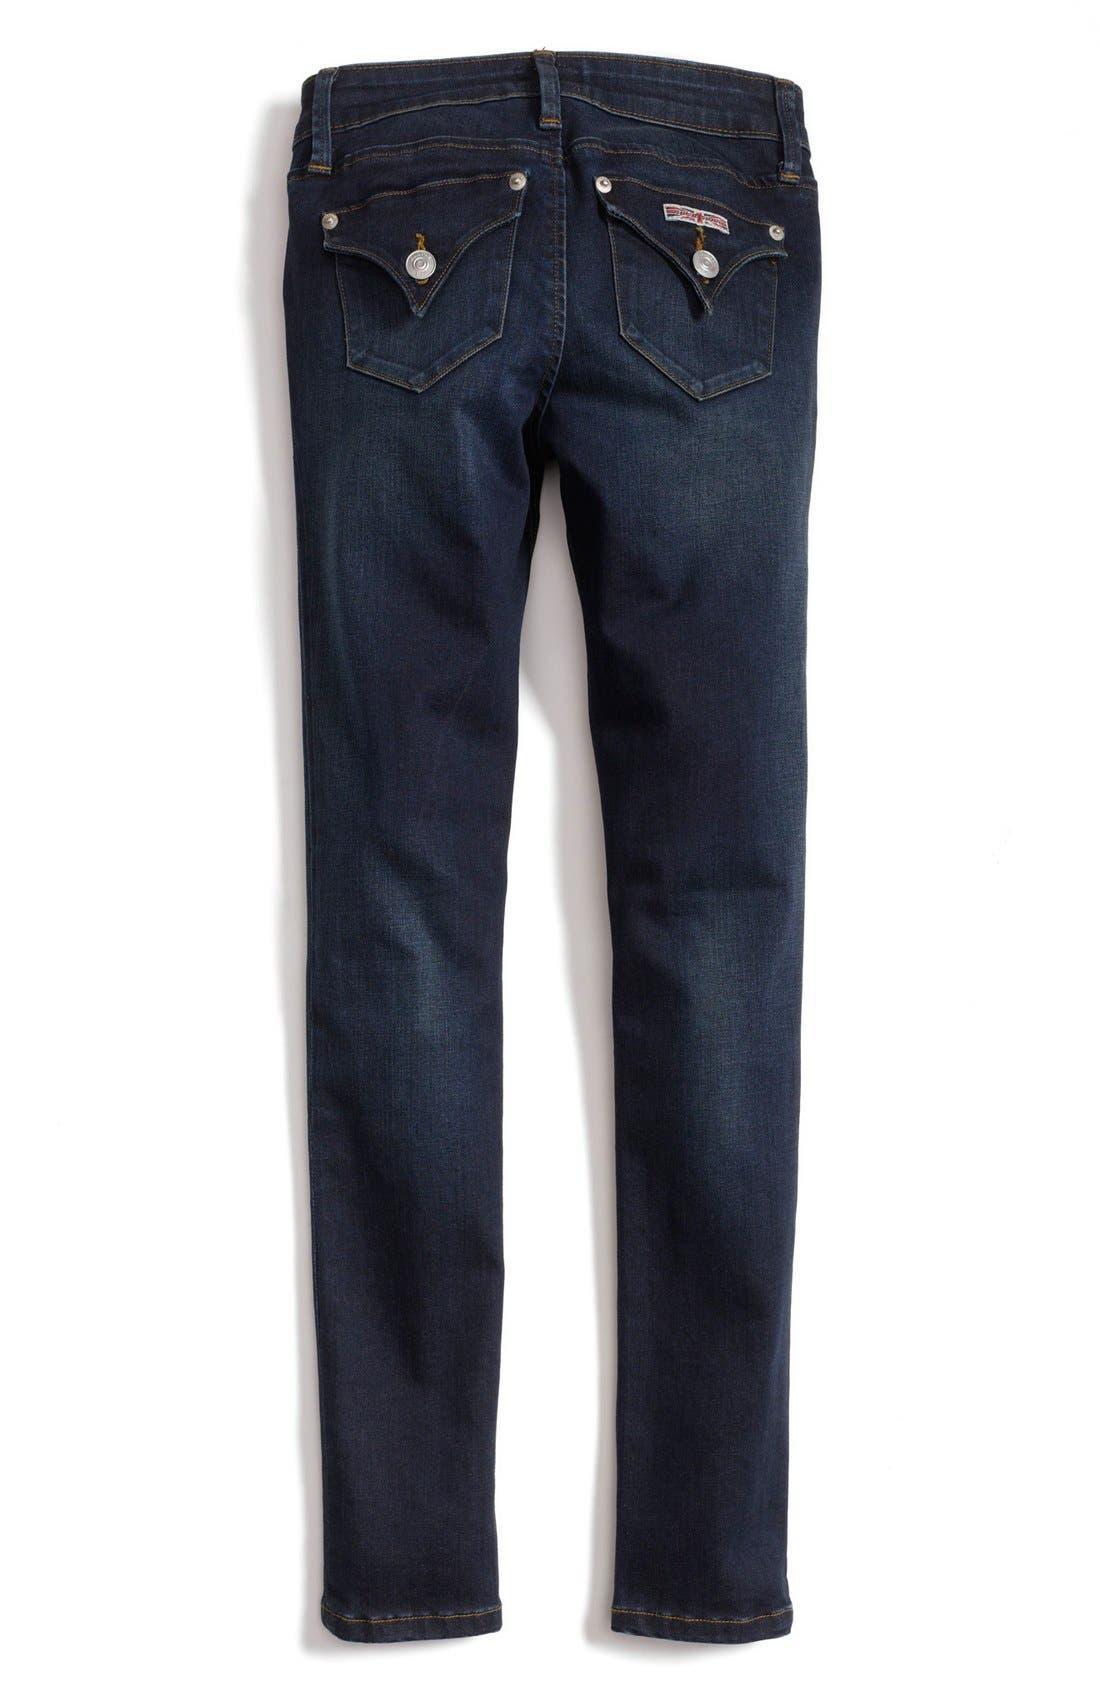 Alternate Image 1 Selected - Hudson Kids 'Collin' Skinny Jeans (Toddler Girls & Little Girls)